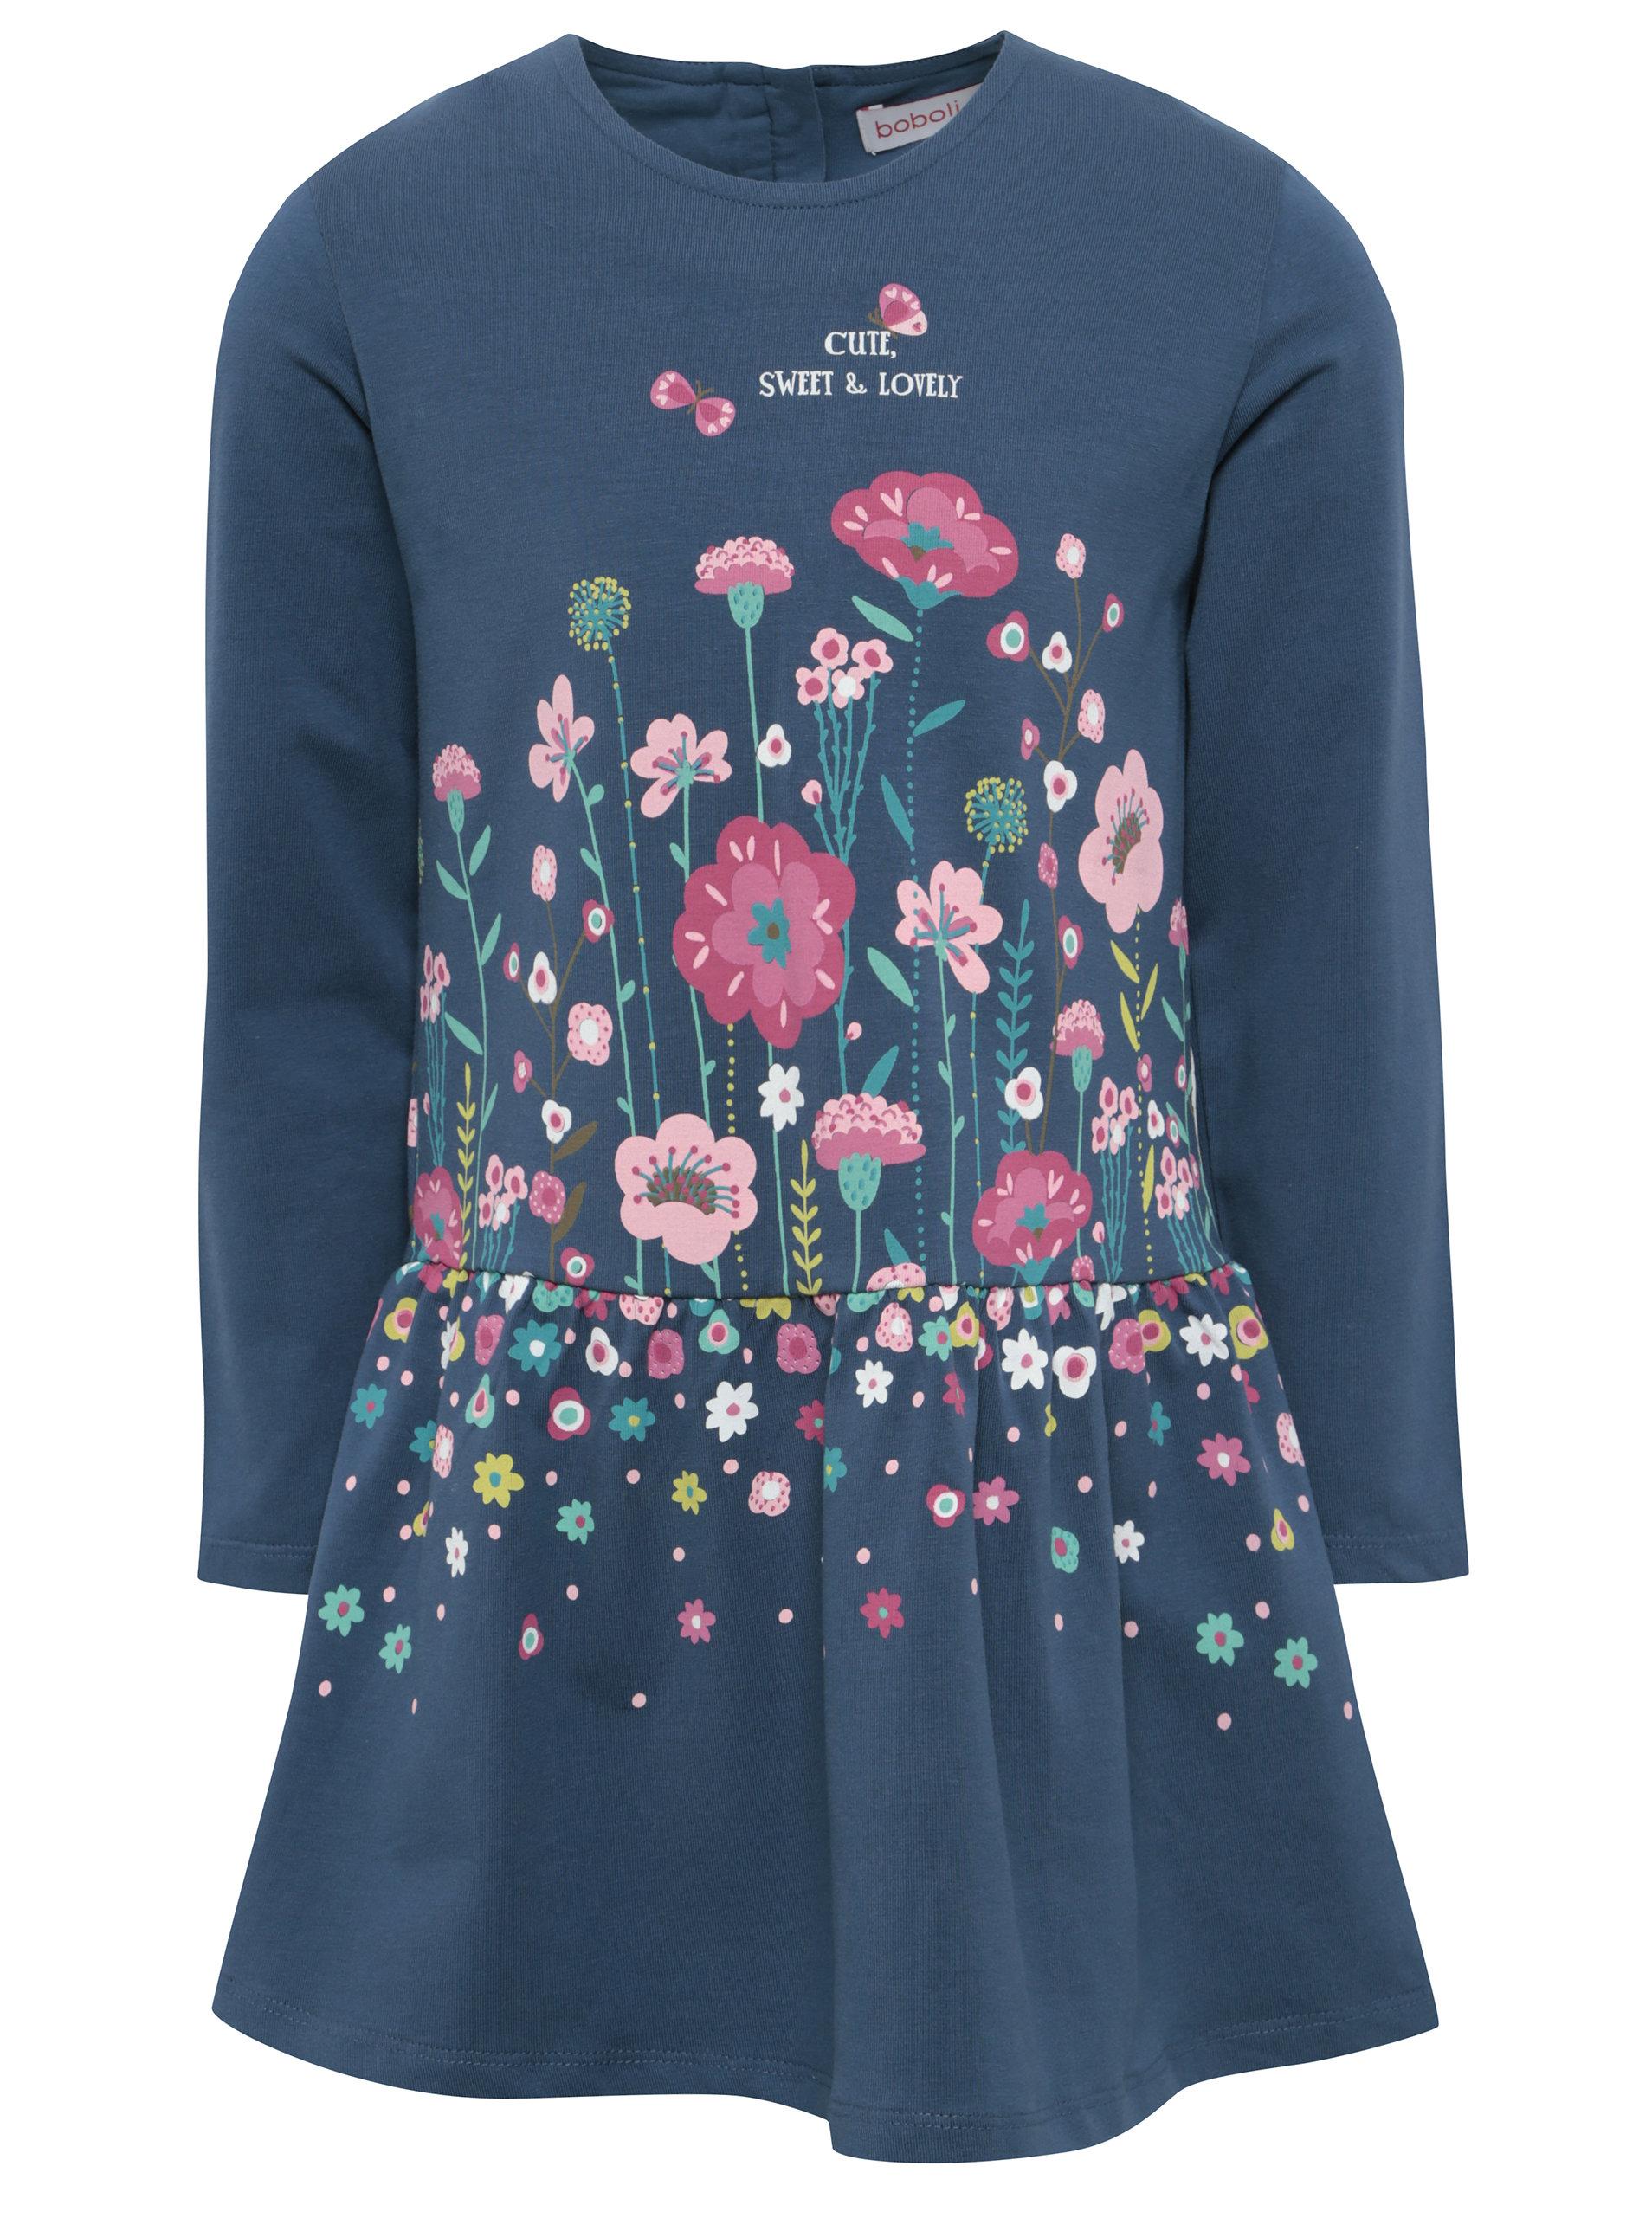 Modré dievčenské šaty s potlačou kvetín BÓBOLI ... 1f8d683d3d5